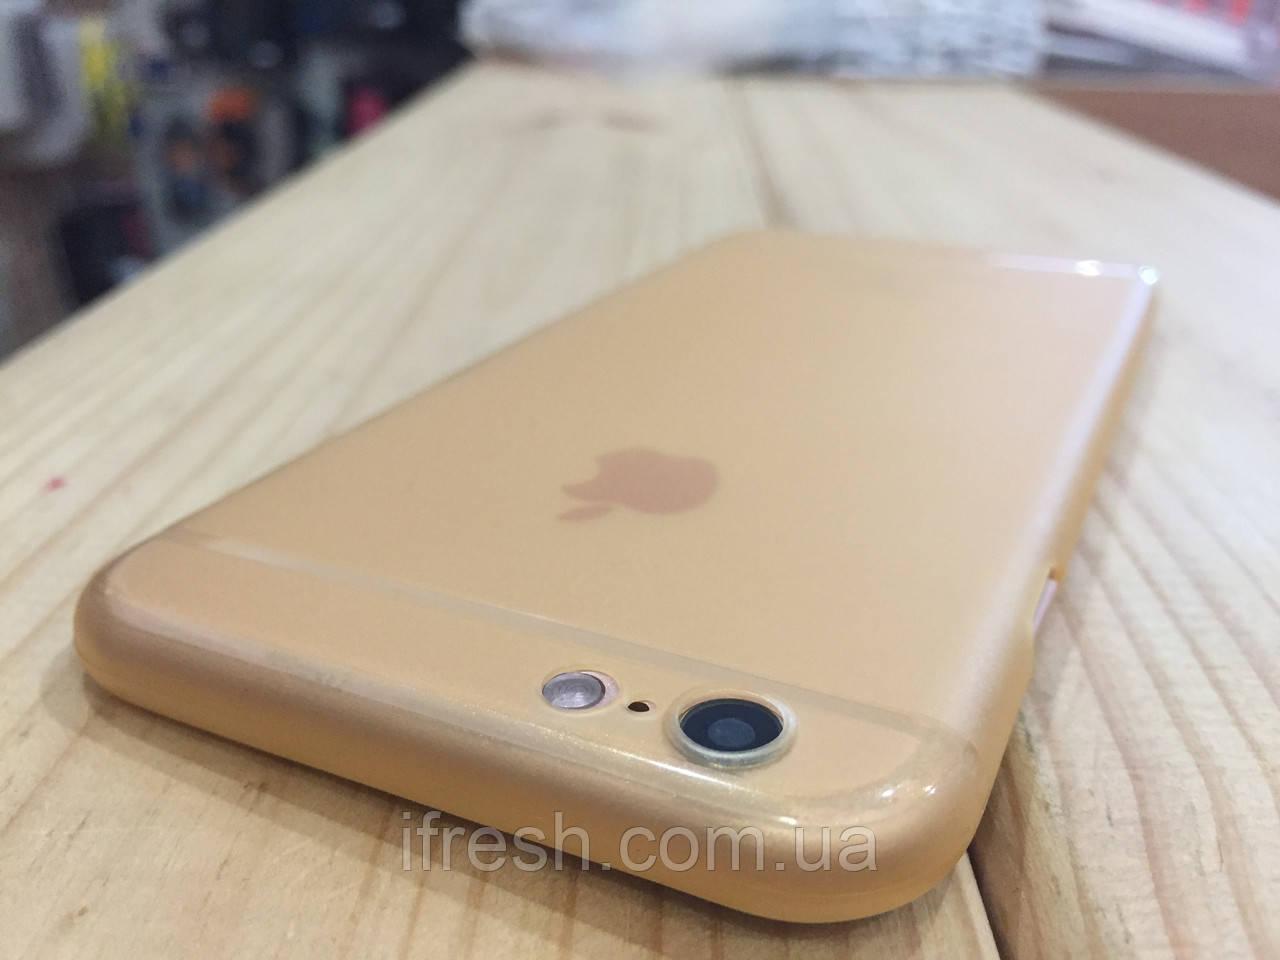 Ультратонкий чехол Saiskai для iPhone 6/6s, золотой